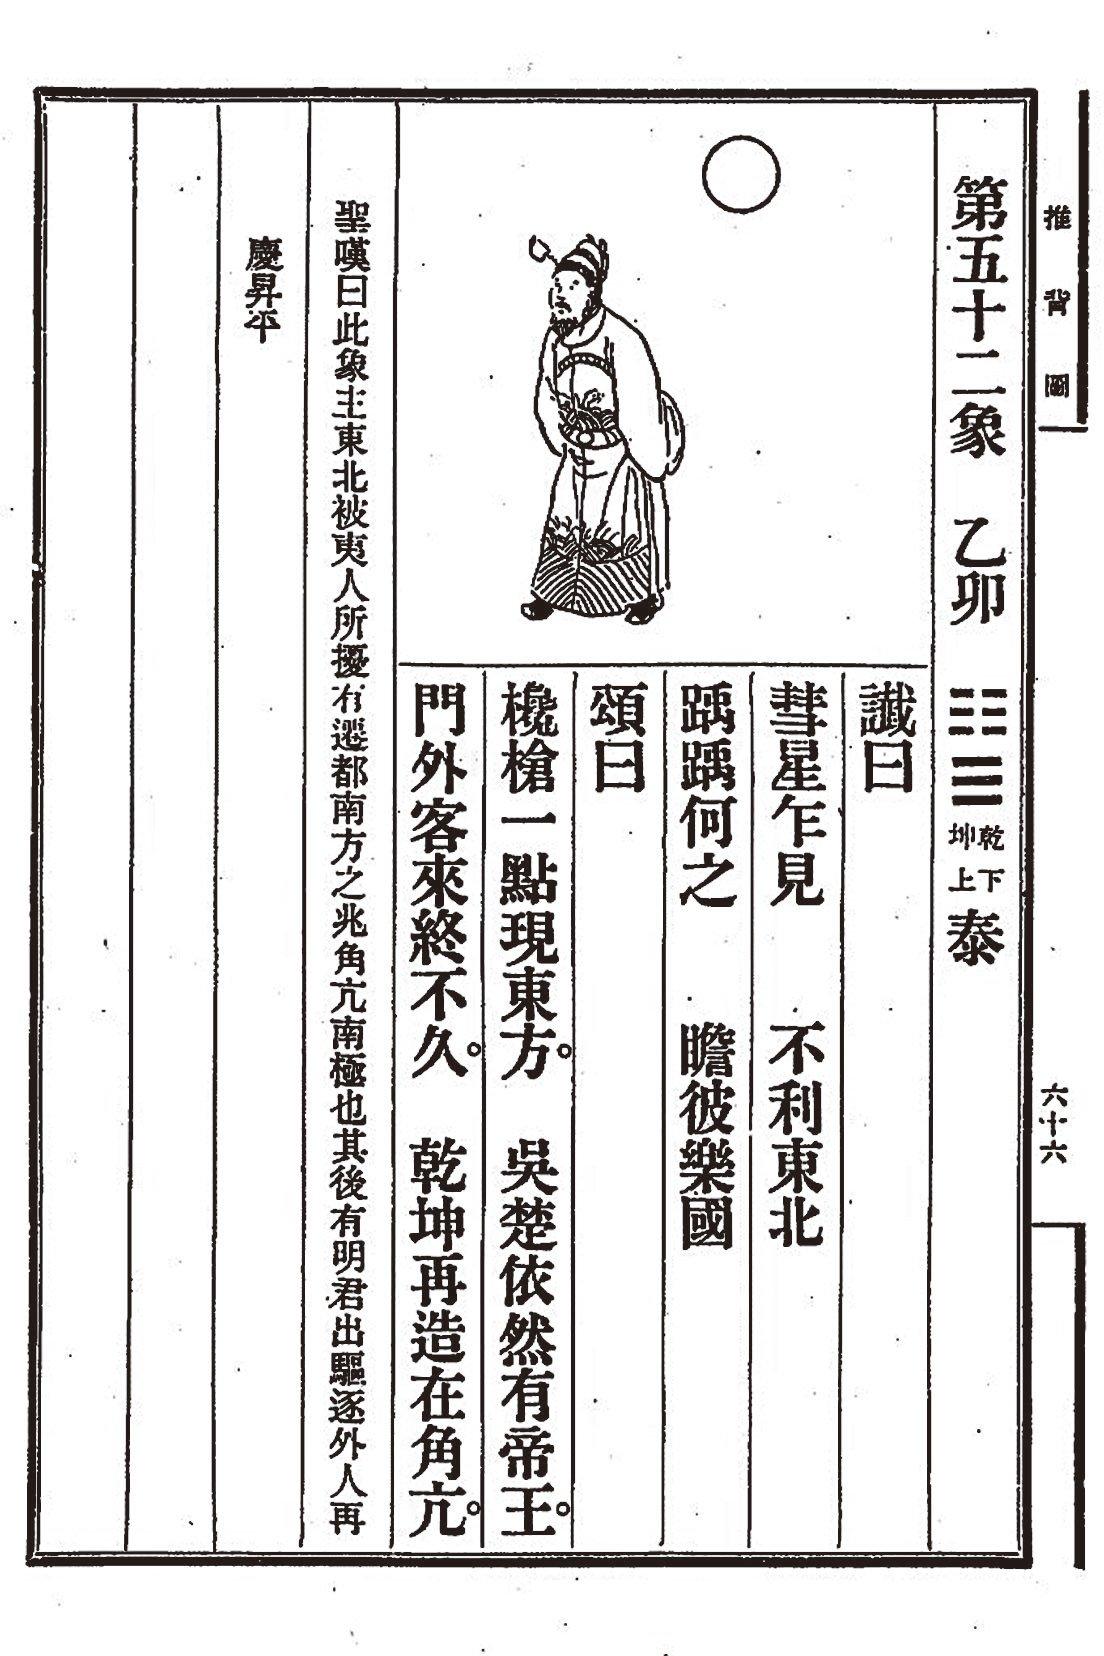 古代預言:《推背圖》預言2017年大事:中共衰亡|大紀元時報 香港|獨立敢言的良心媒體